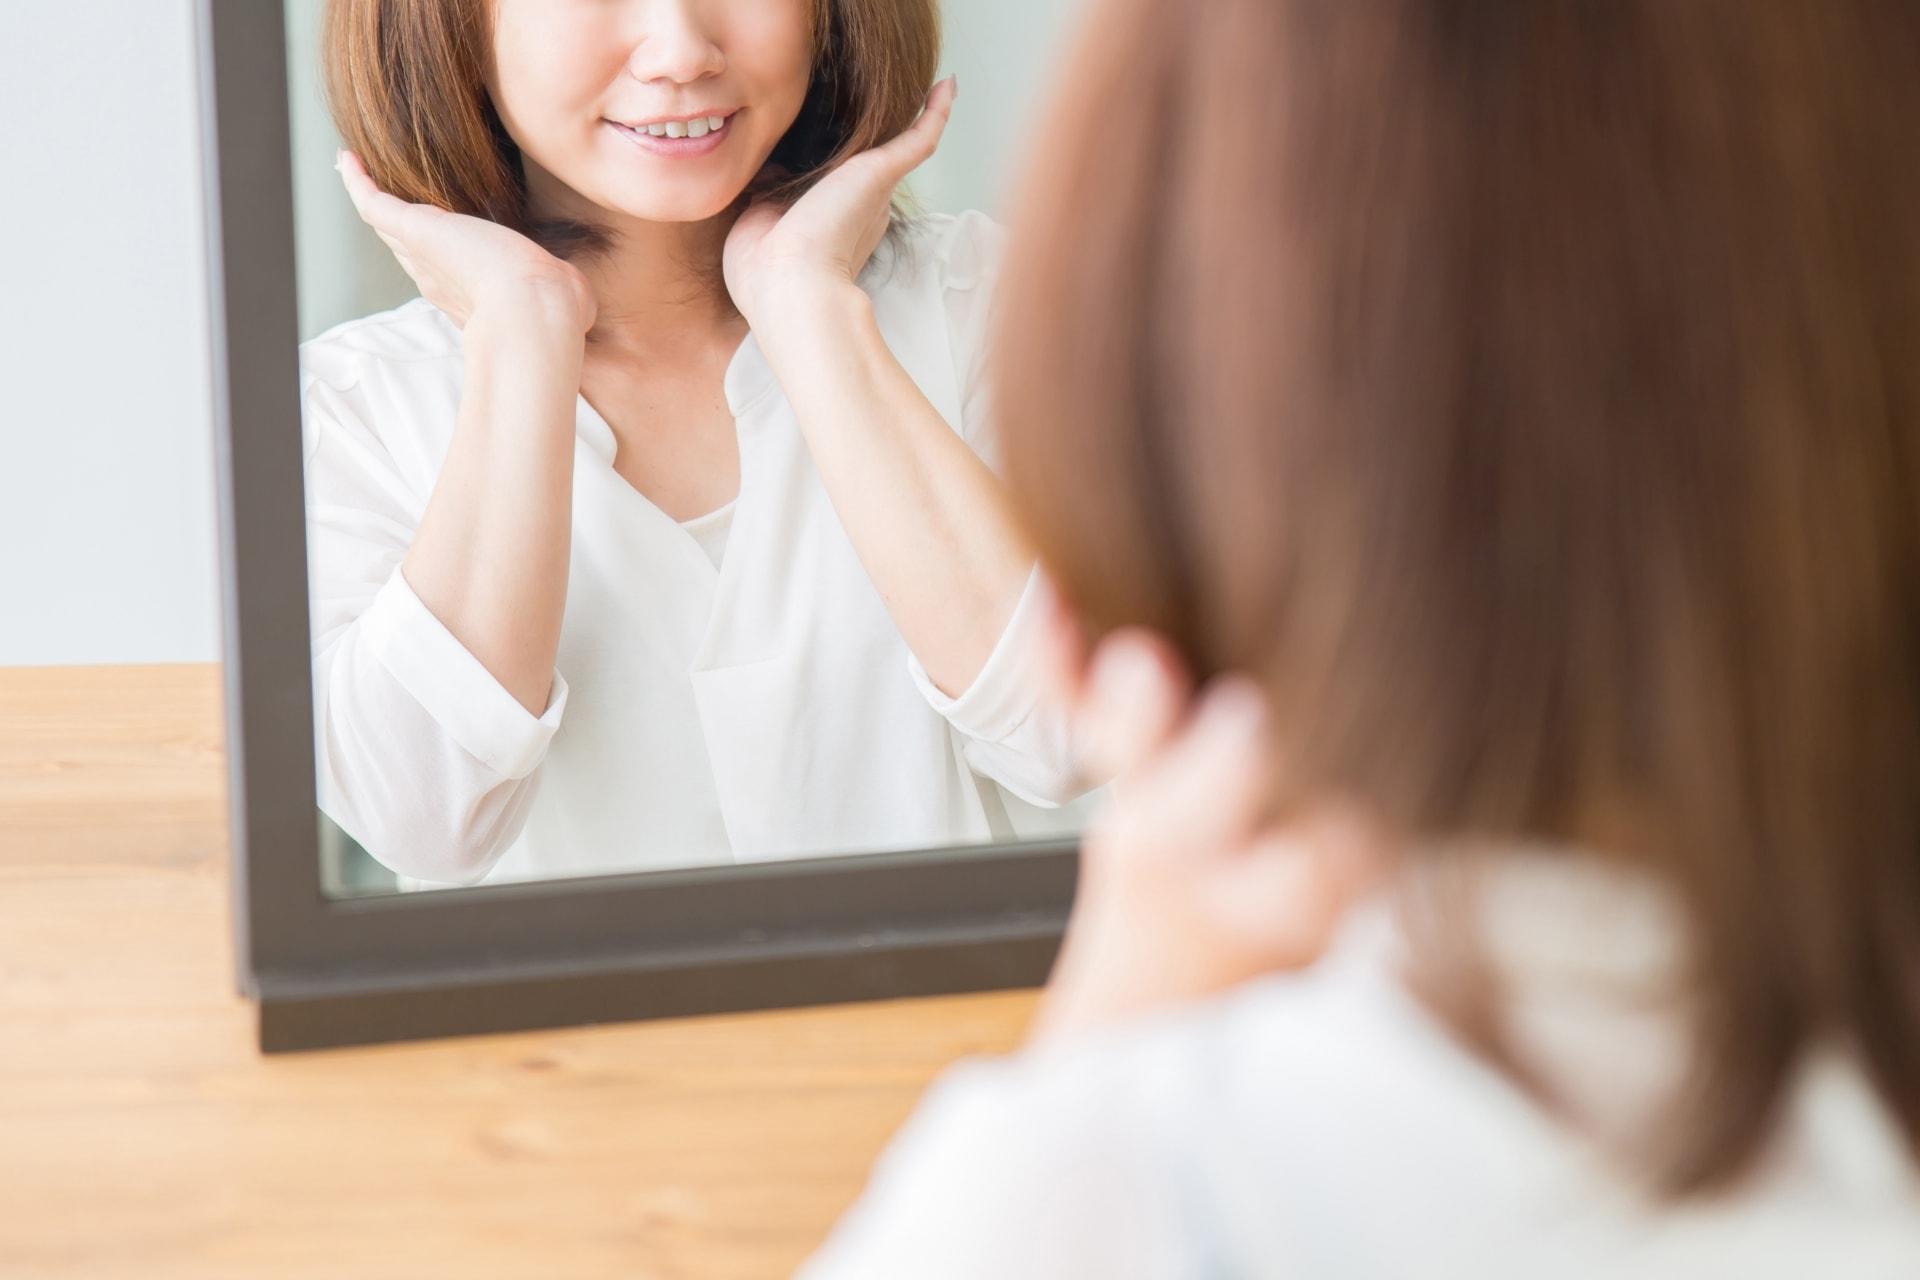 女性の薄毛の代表的な原因とは